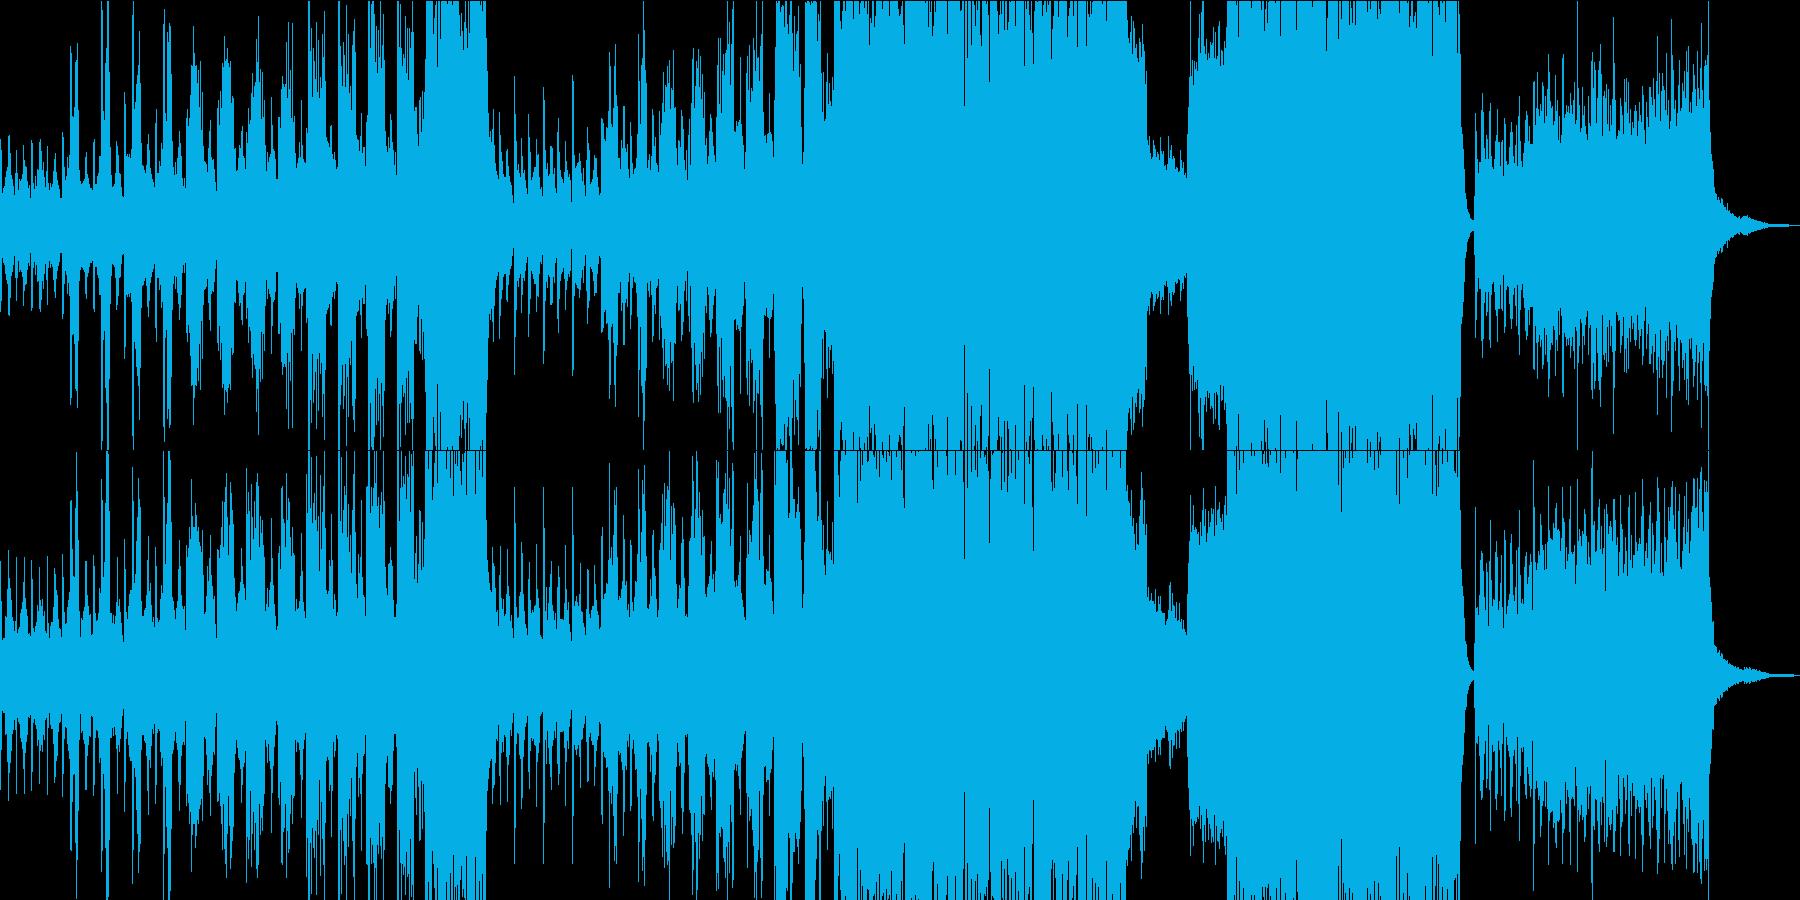 暗闇ダンジョンをイメージしたBGMの再生済みの波形